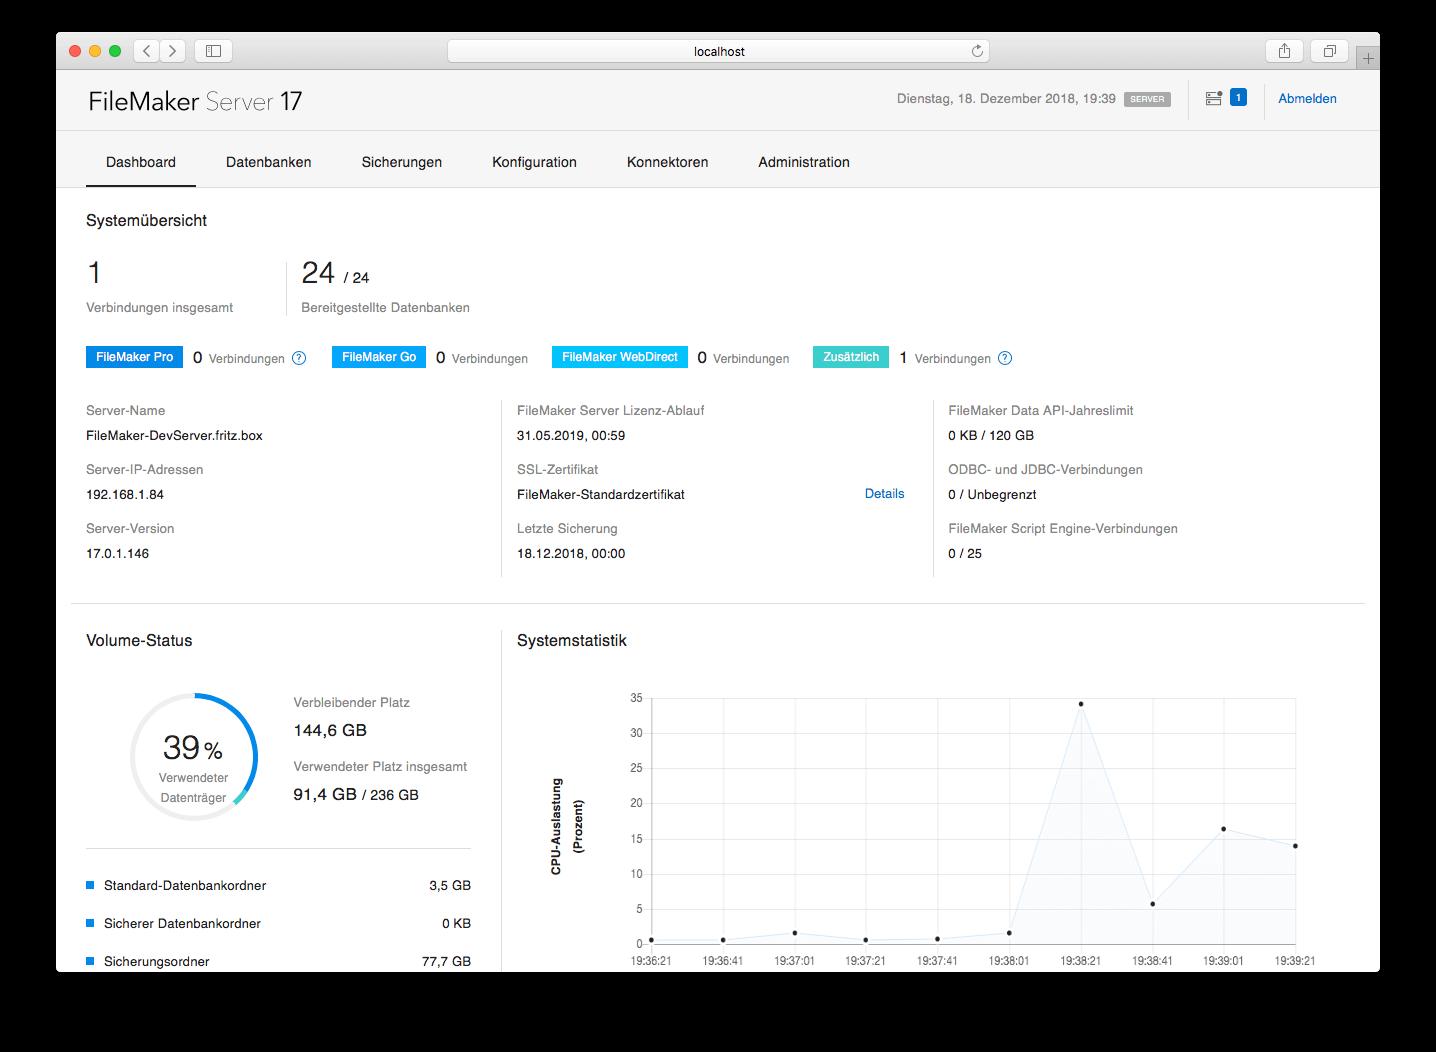 FileMaker Server 17 mit neuer Benutzeroberfläche